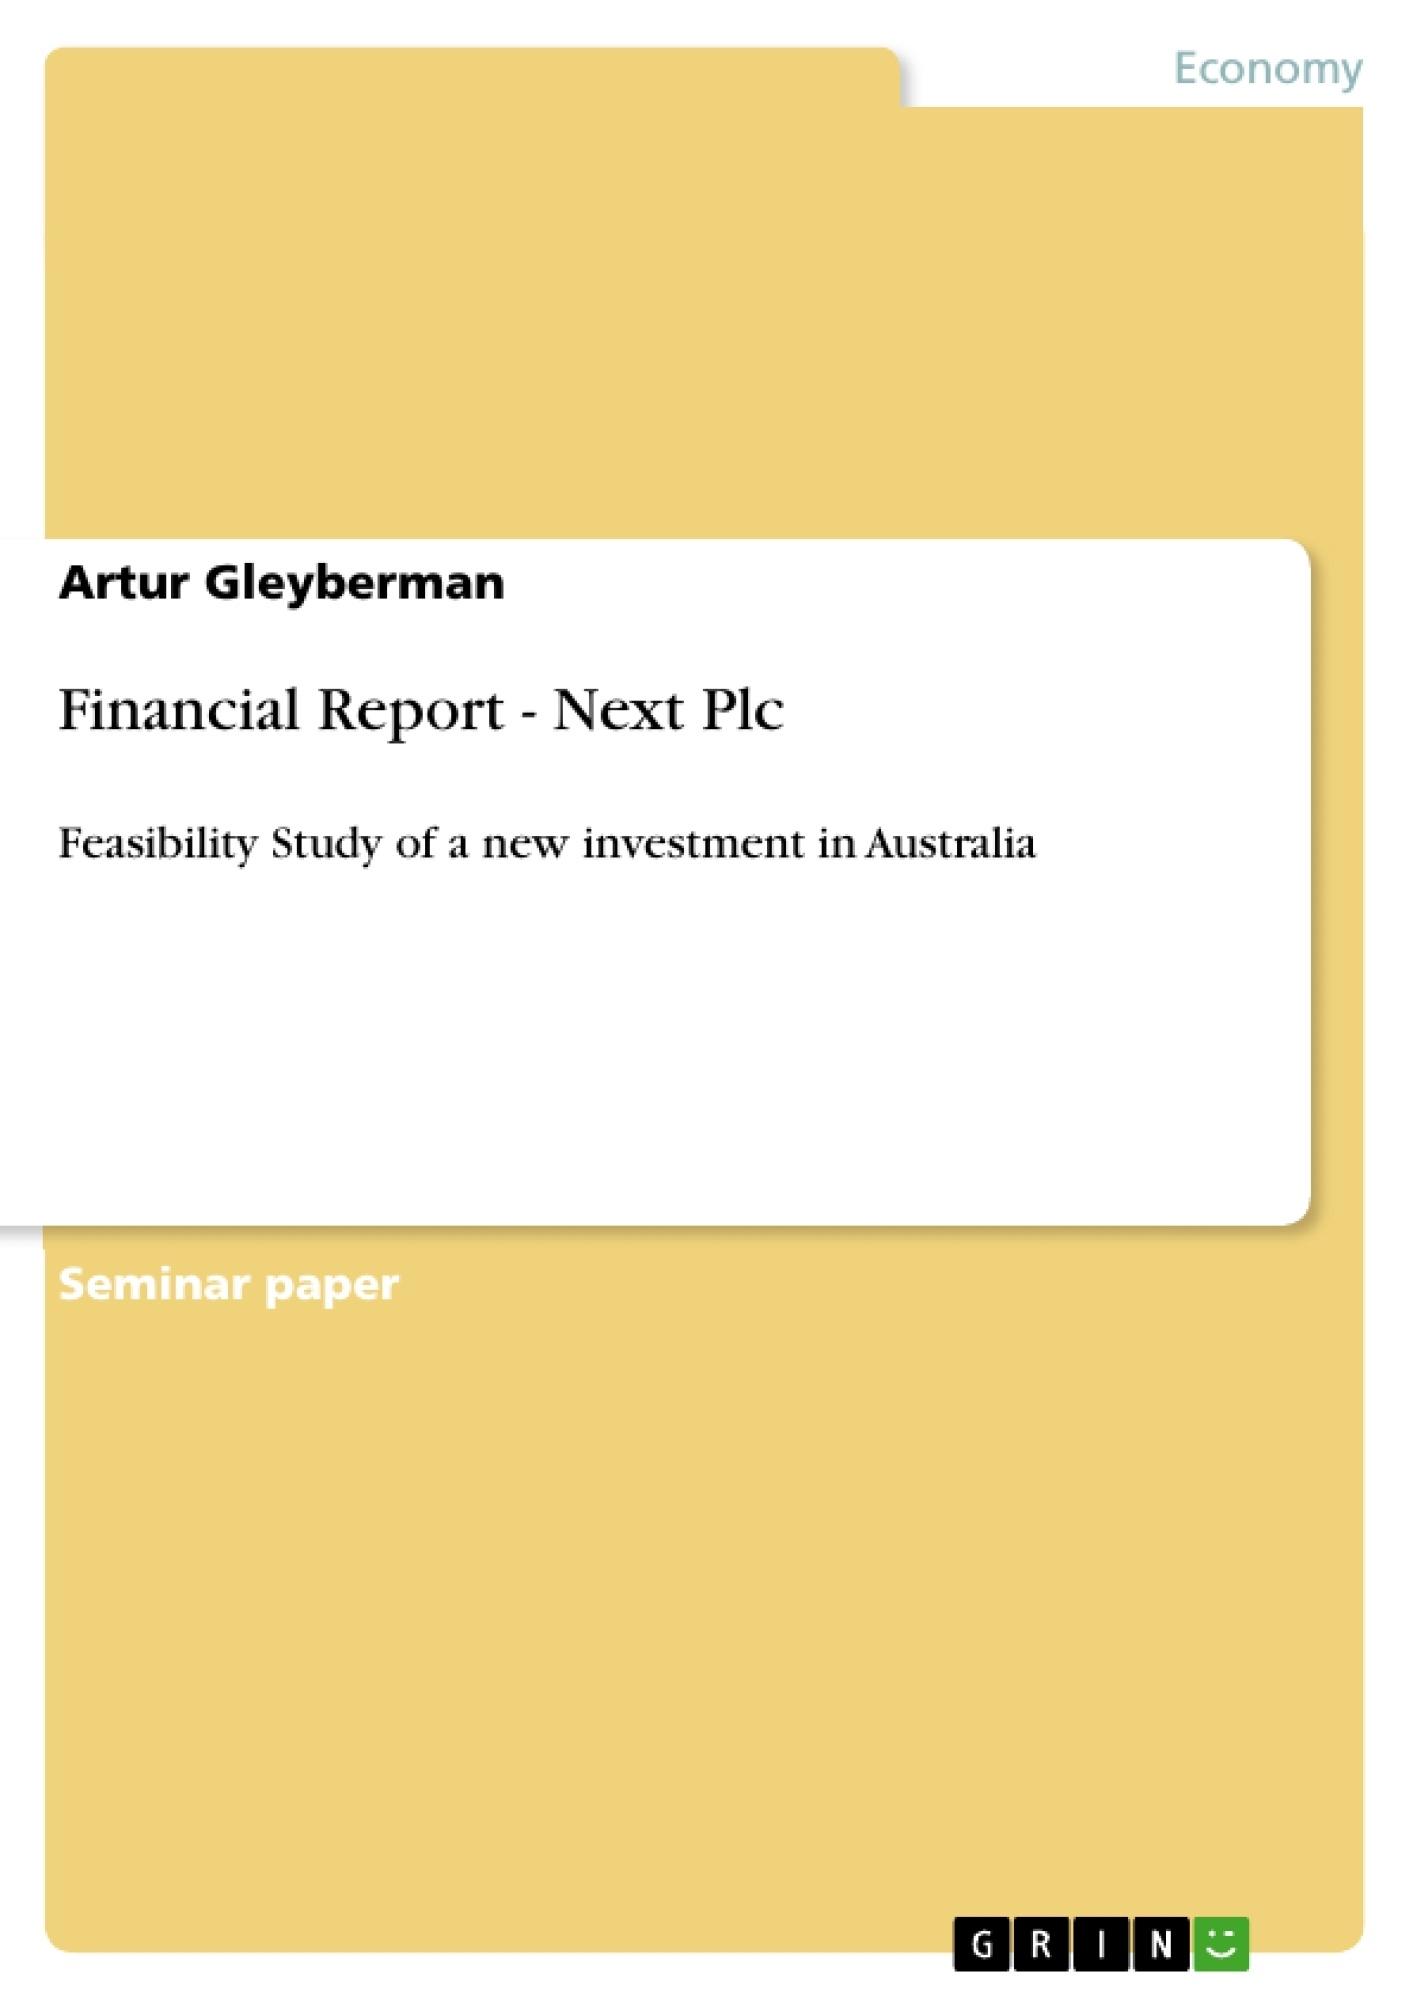 Title: Financial Report - Next Plc